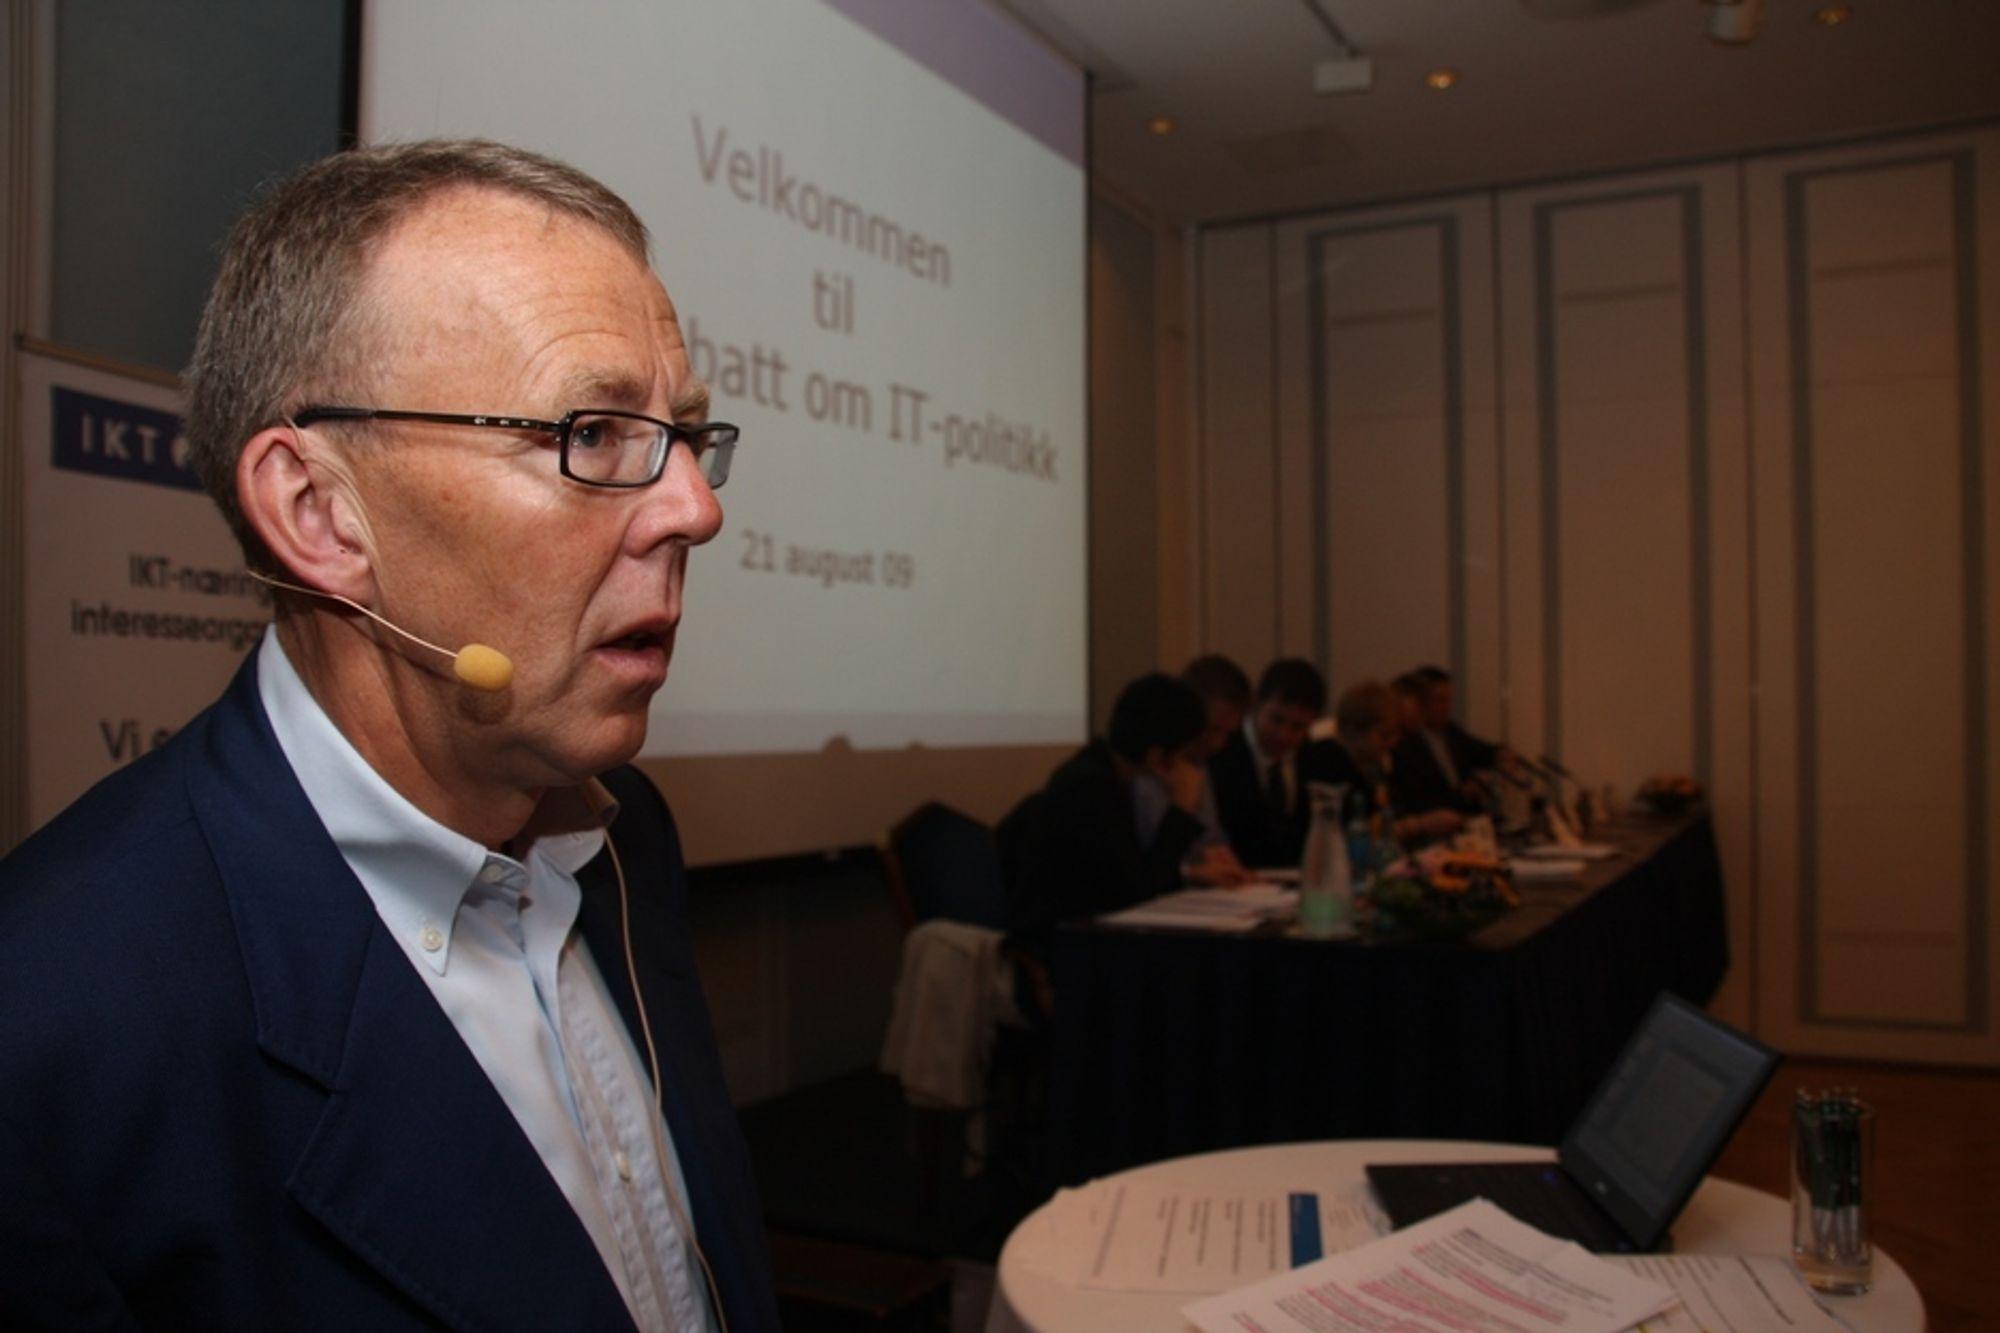 Generalsekretær Per Morten Hoff, IKT Norge, under IT-politisk valgdebatt på Bristol Hotel, Oslo, 21. august 2009.